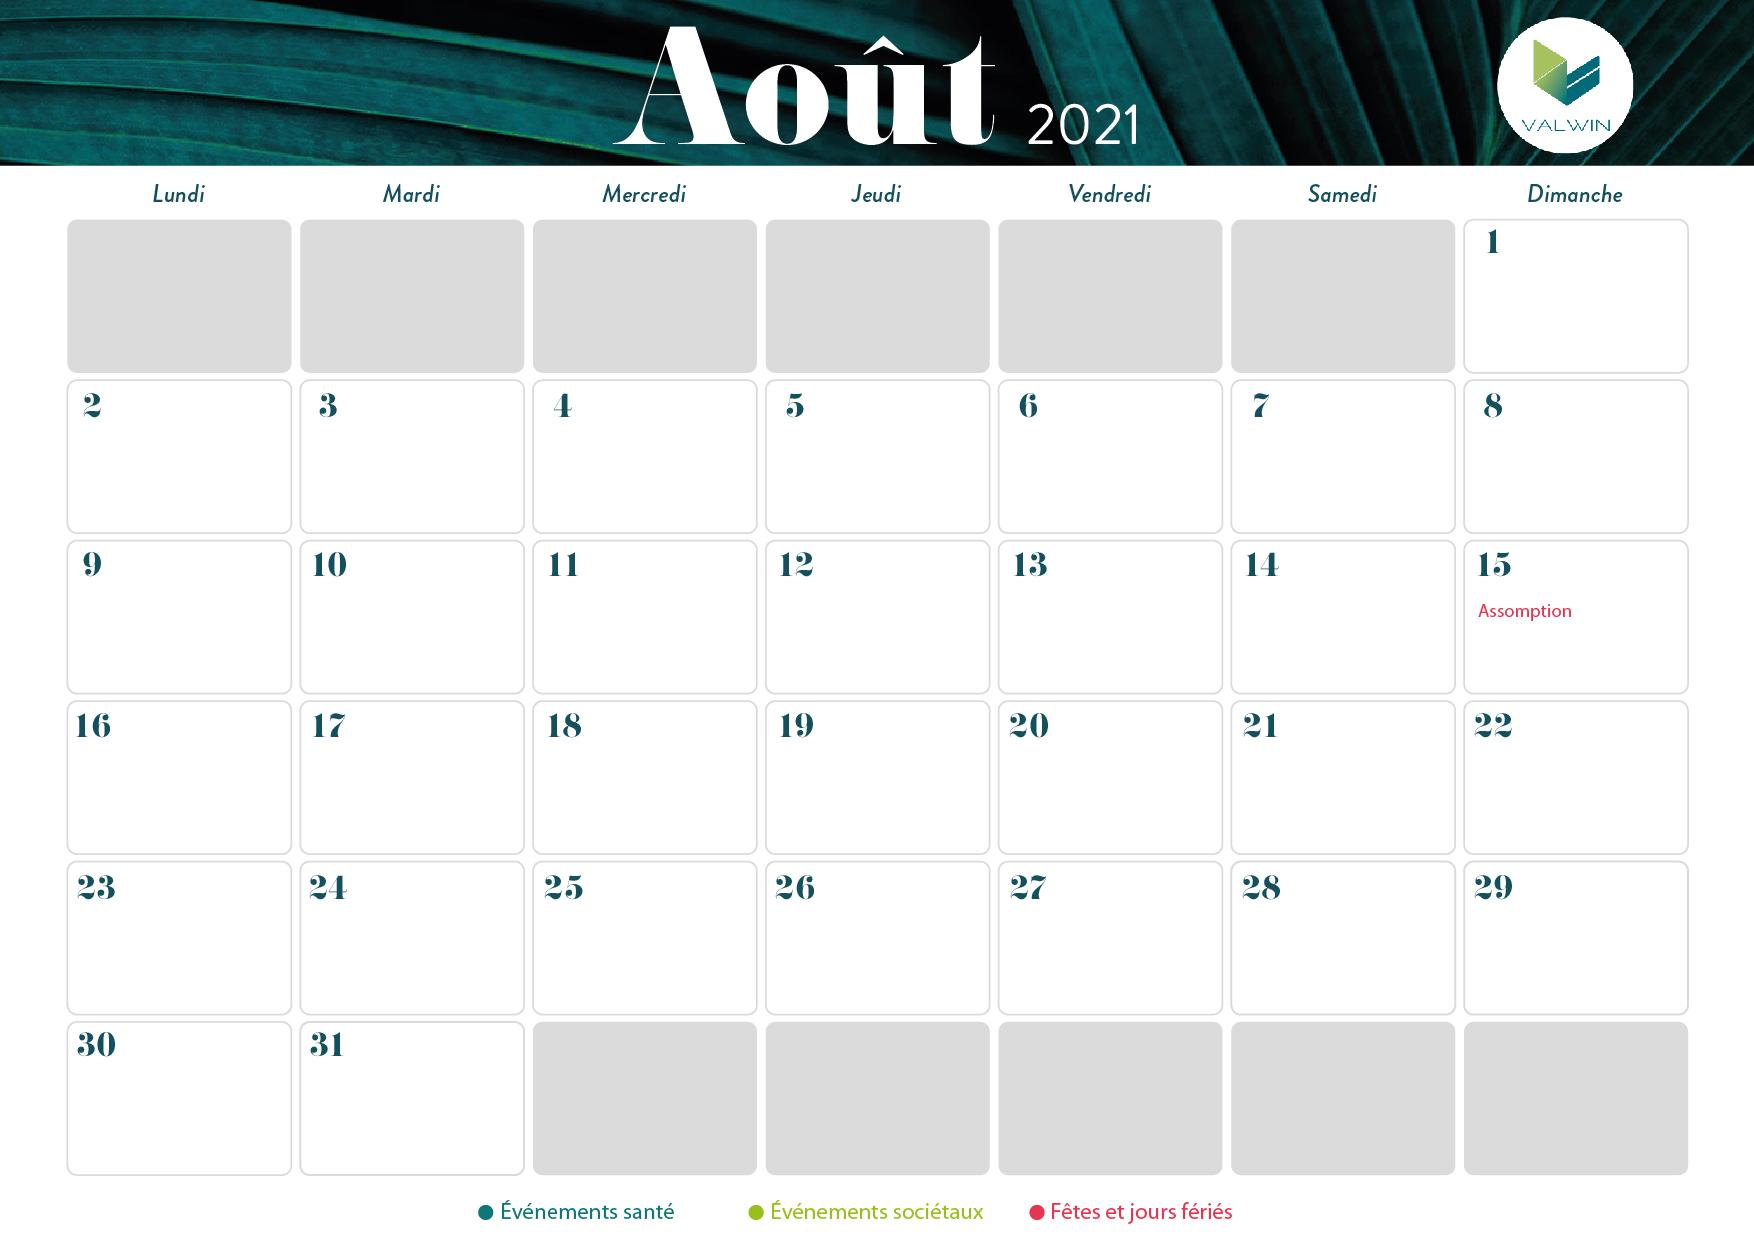 Aout-calendrier-journee-mondiale-sante-2021.jpg